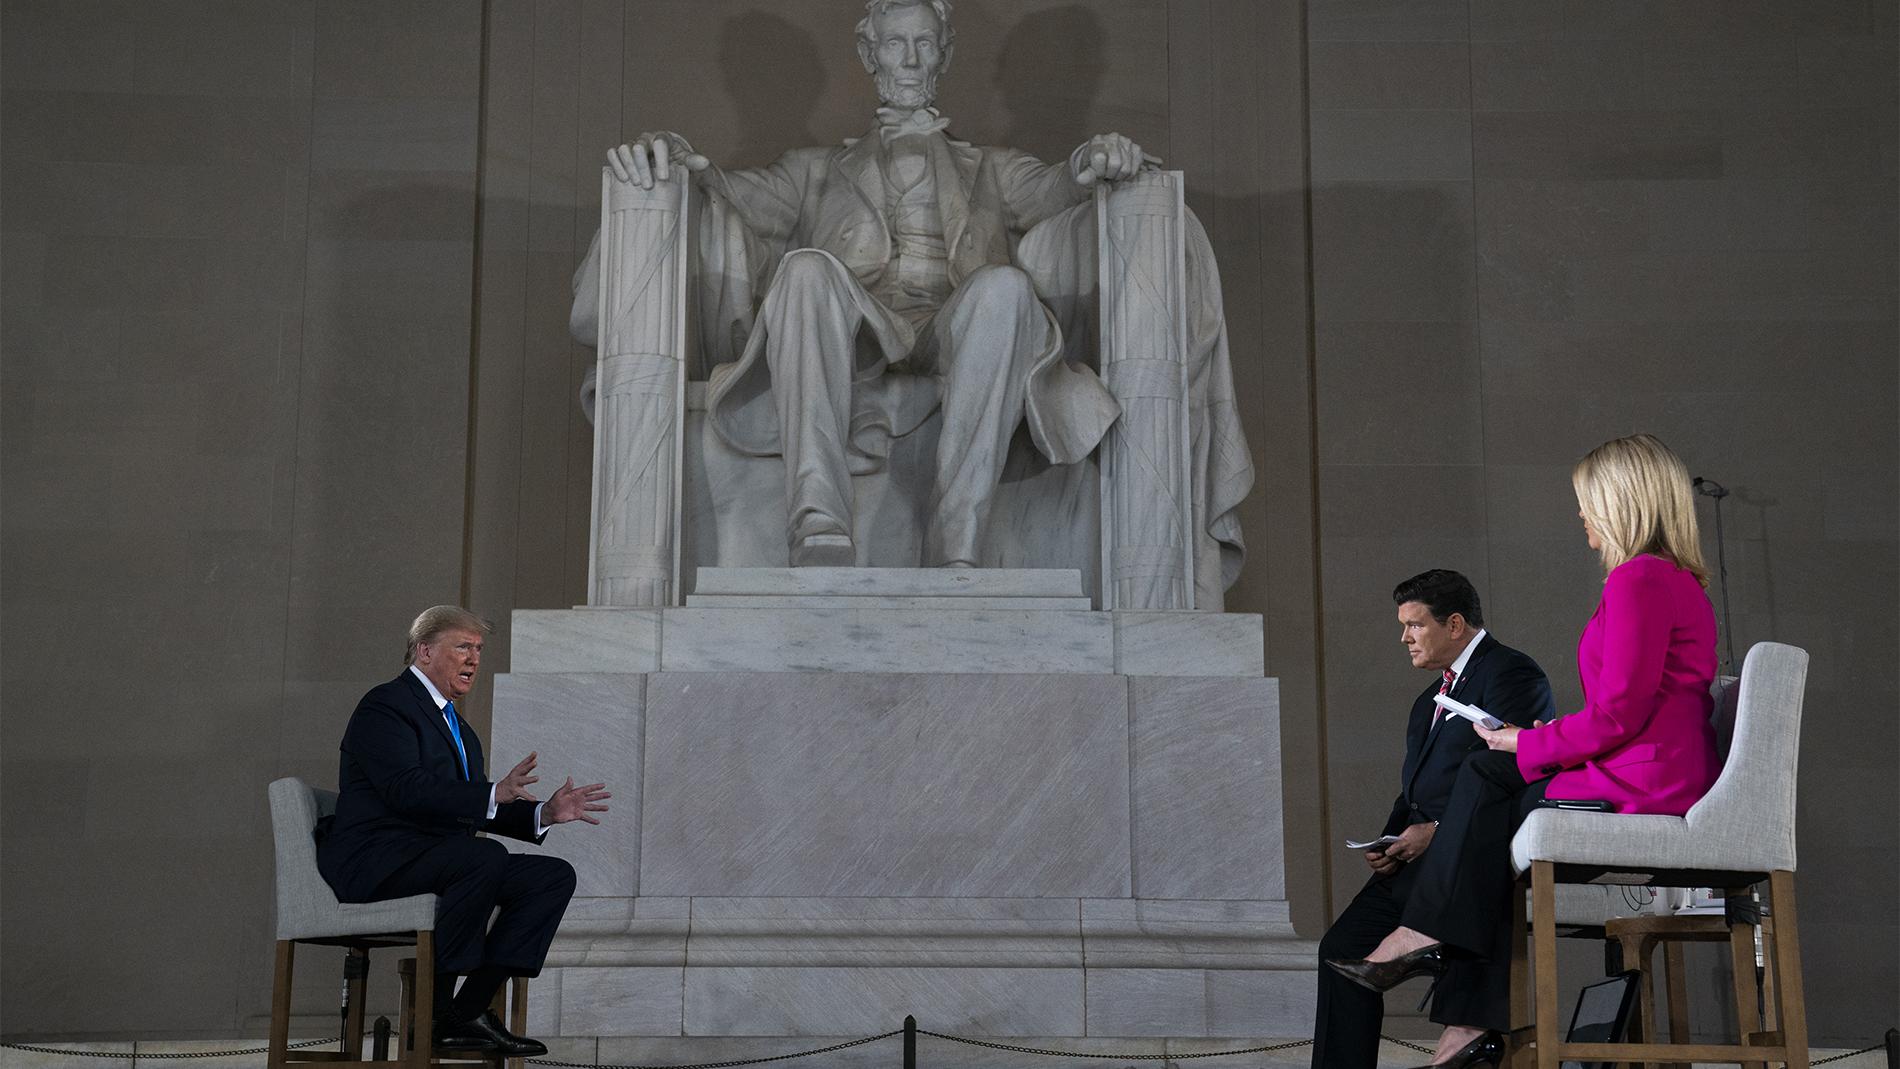 美國總統特朗普於2020年5月3日在林肯紀念堂參加福克斯電視臺主持的虛擬公民大會,談論新冠肺炎問題。(美聯社)